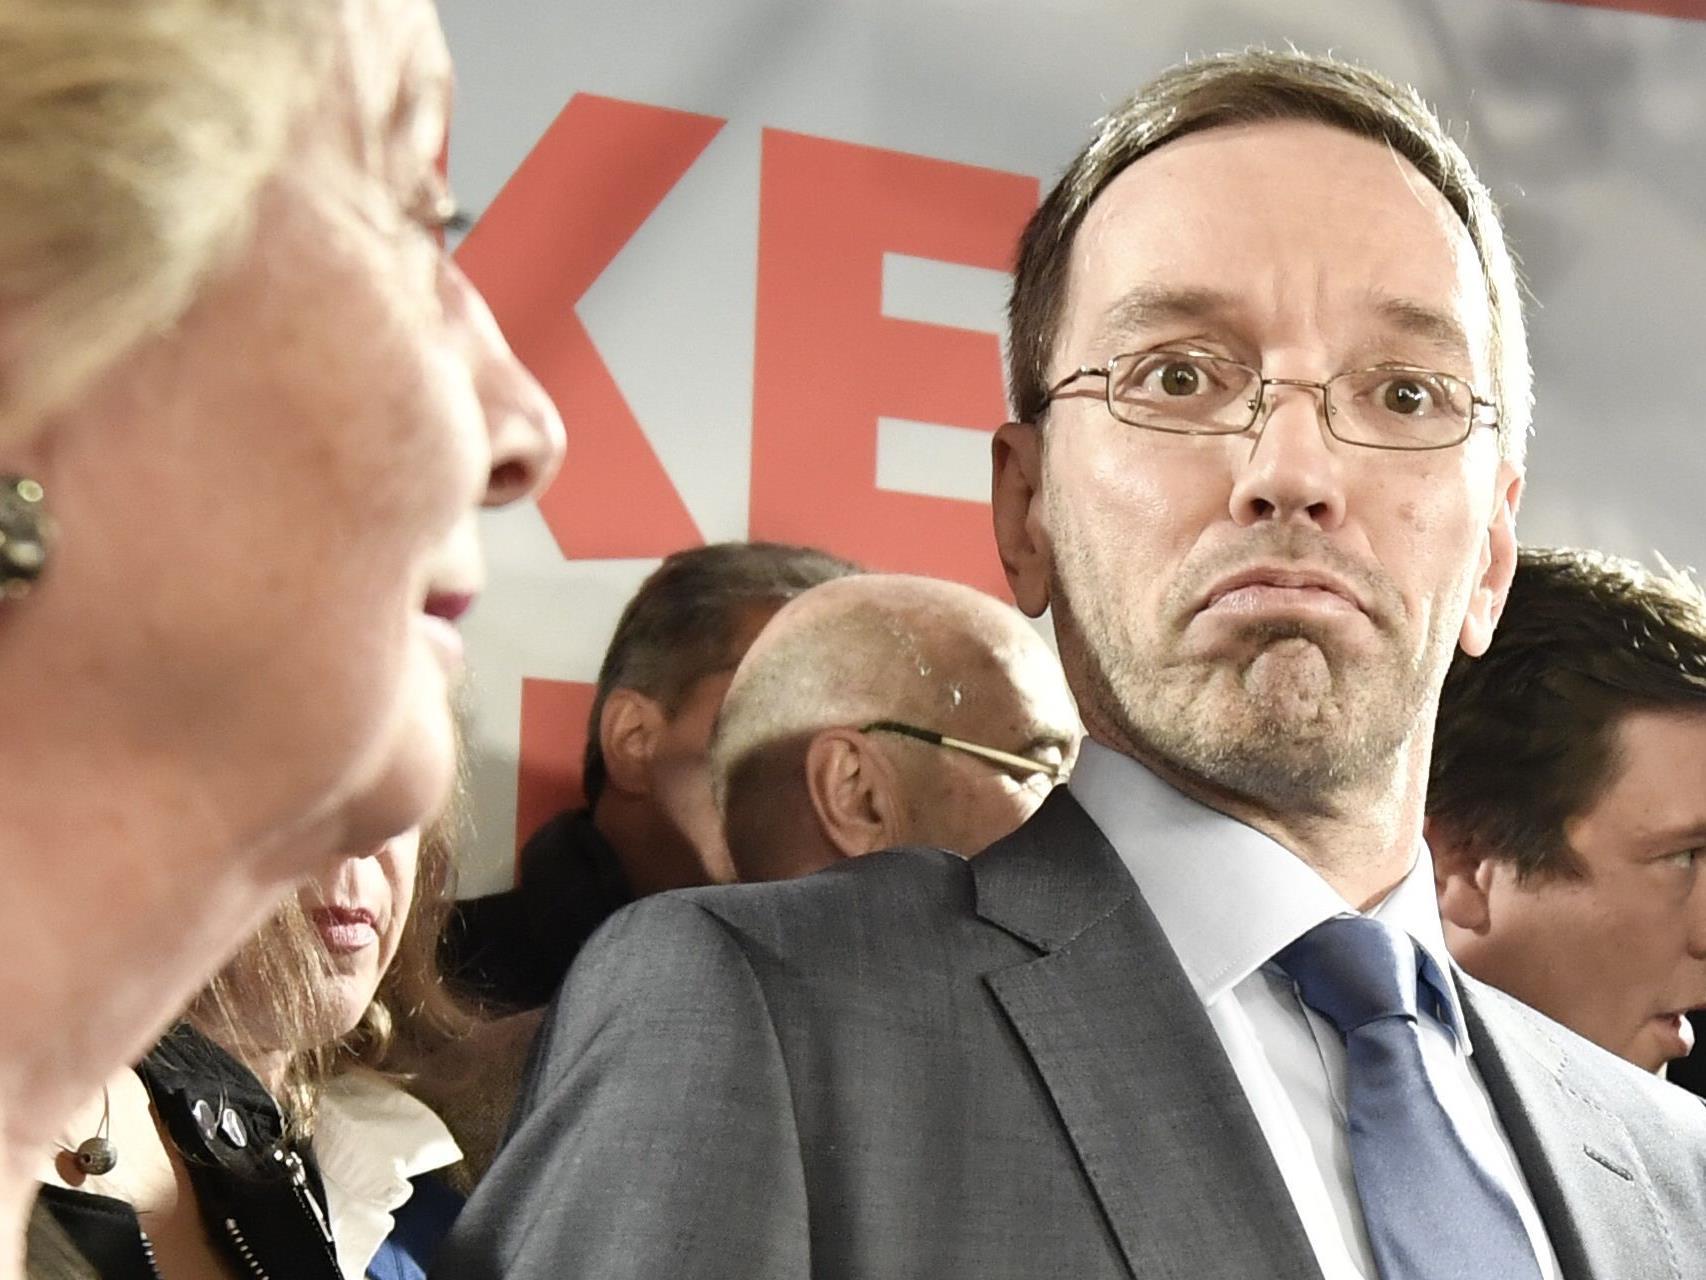 Der FPÖ-Generalsekretär hat mit dem betroffenen Abgeordneten ein klärendes Gespräch geführt